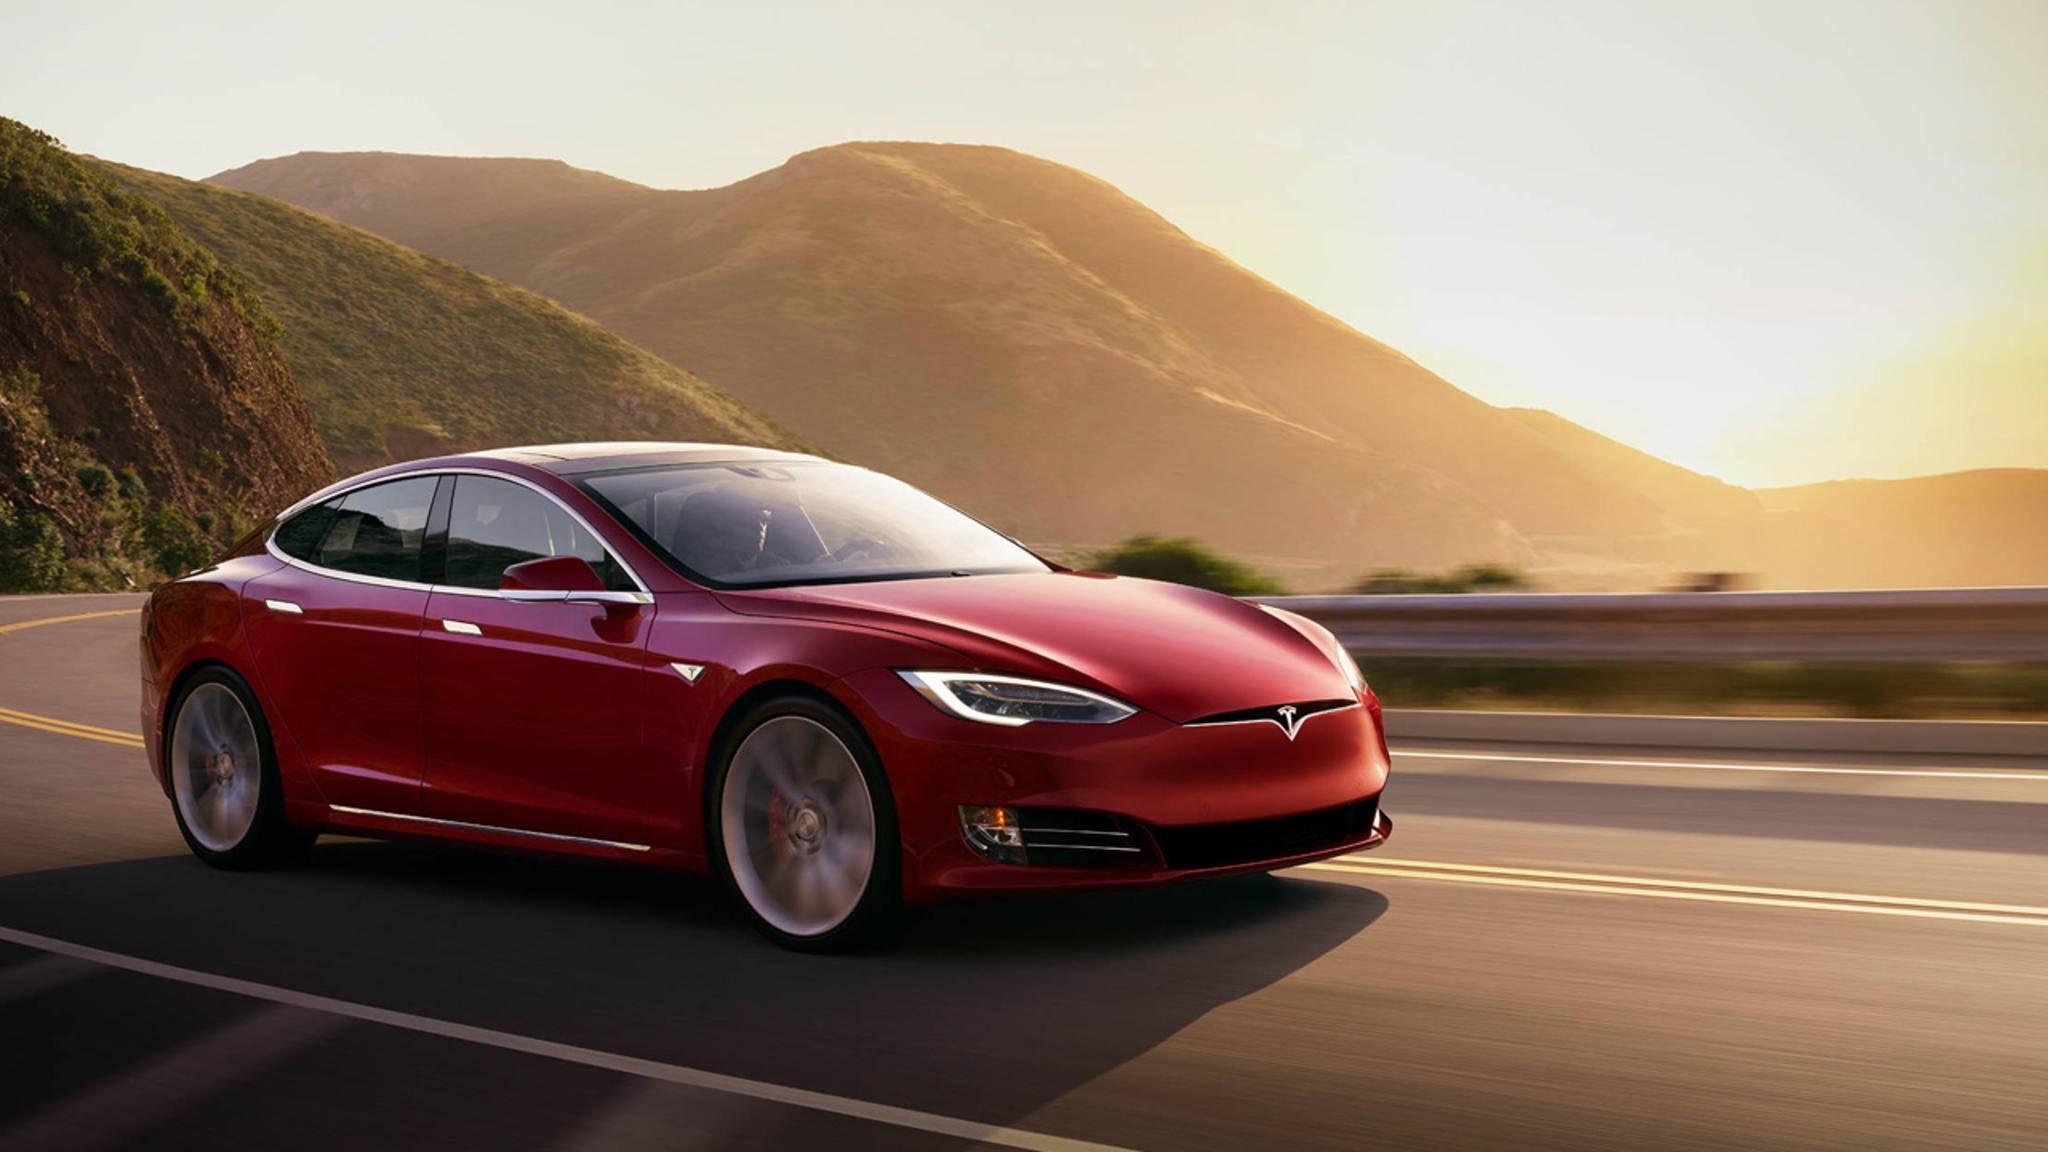 Das Tesla Model S ist in der Standardkonfiguration ab etwa 70.000 Euro erhältlich.